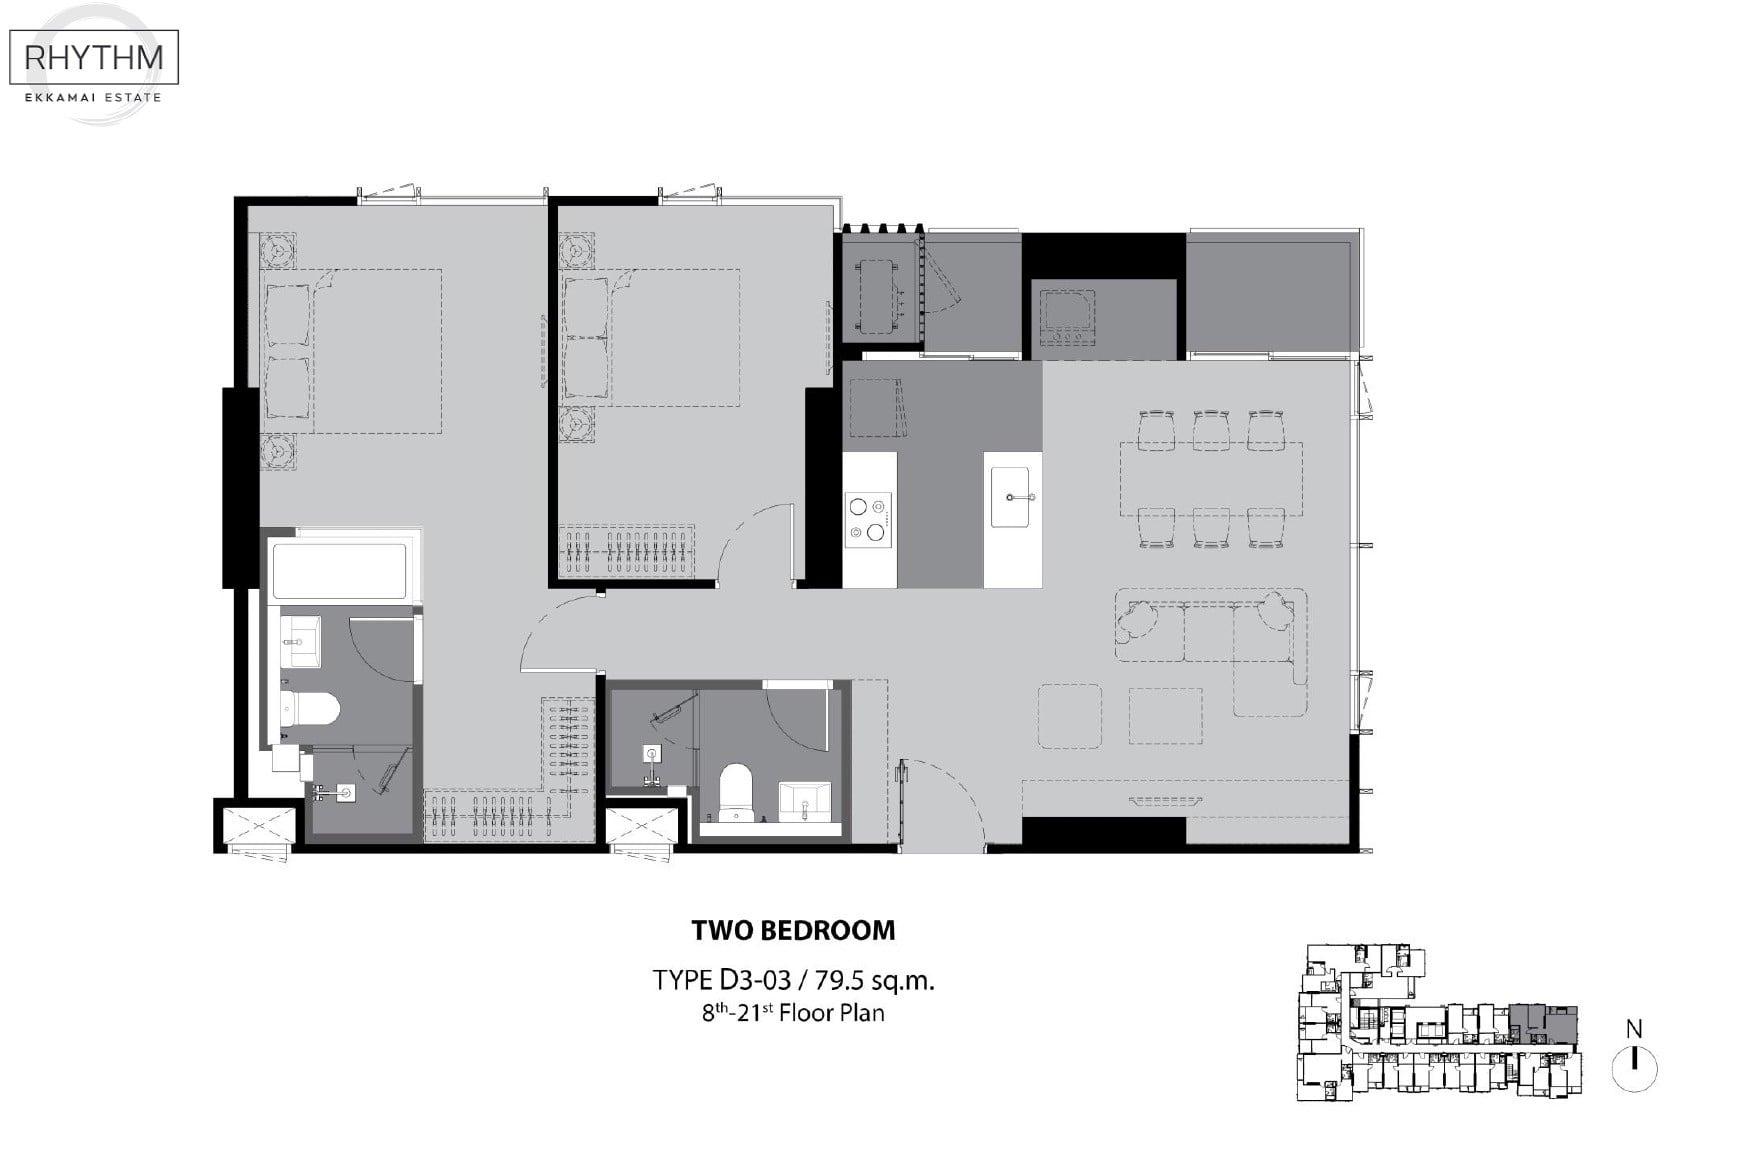 Rhythm-Ekkamai-Estate-Floor Plan 2BR-79.5sqm